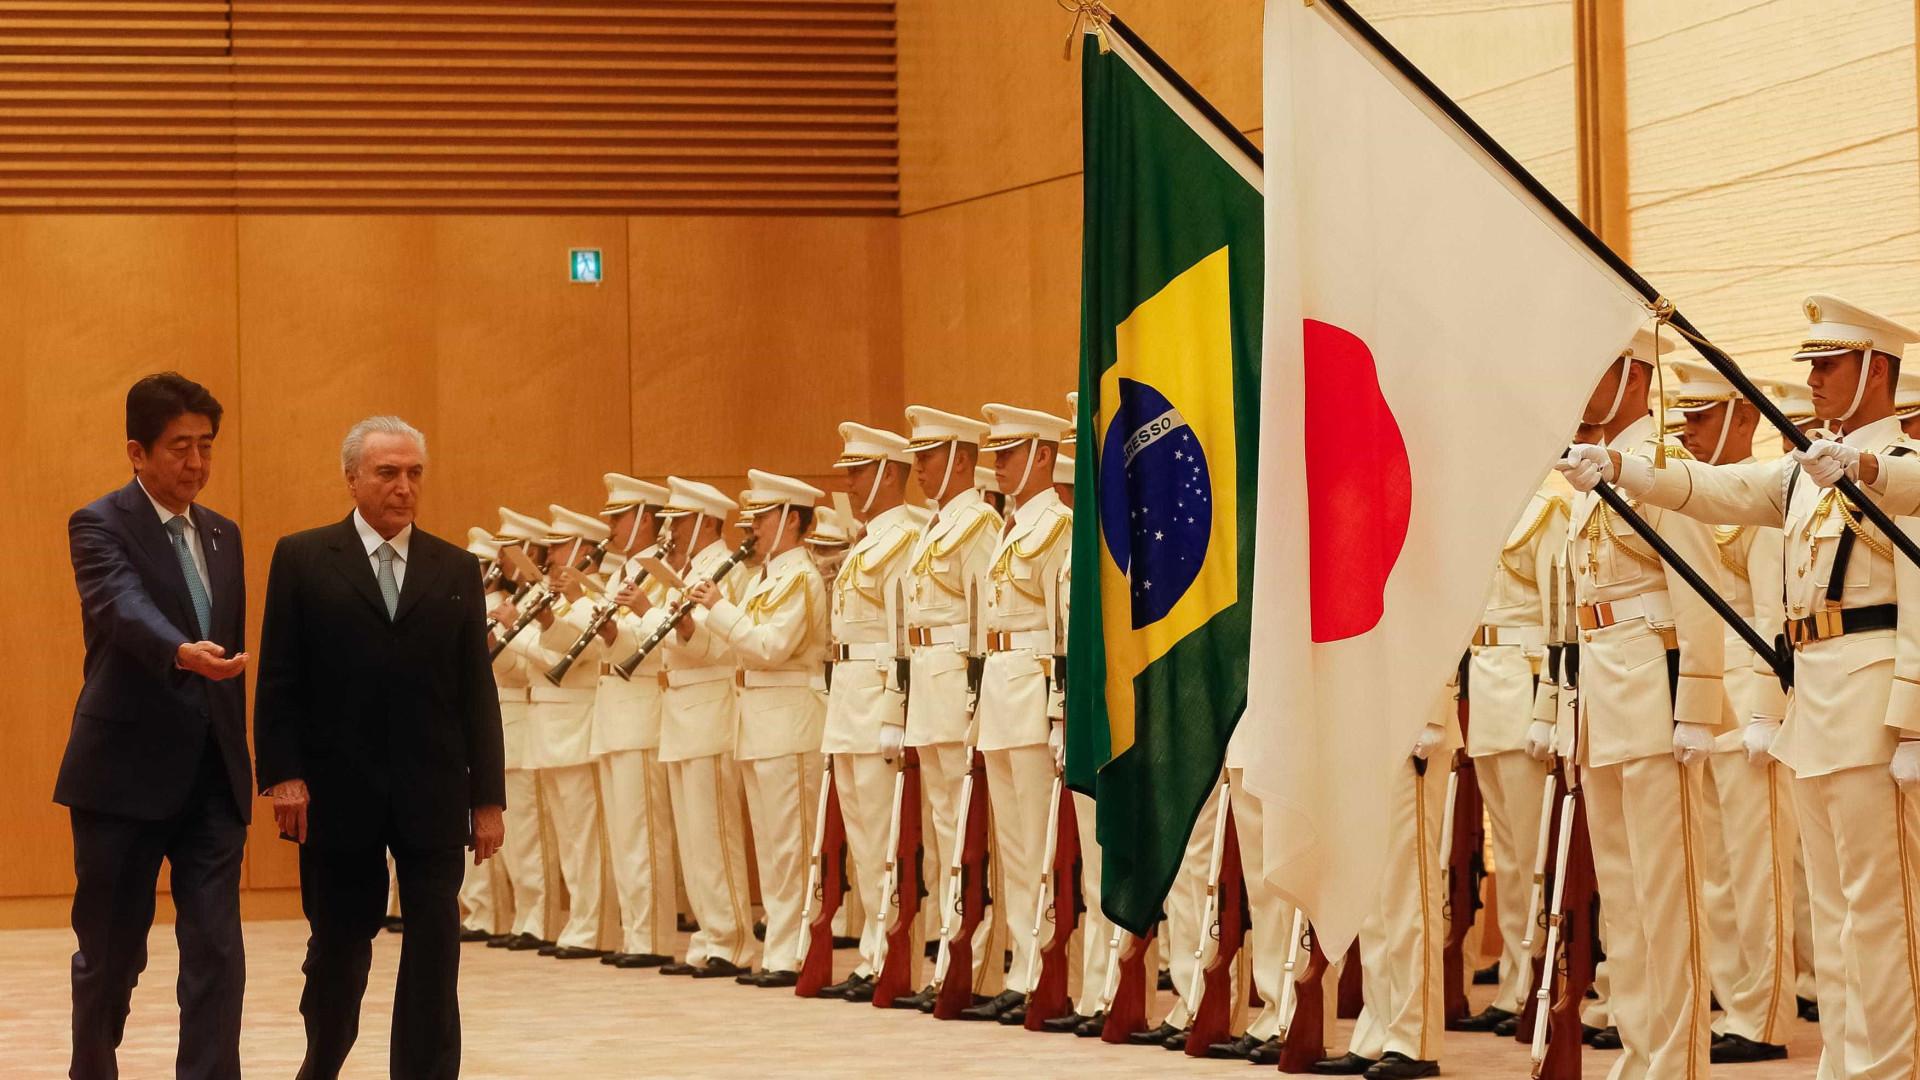 Temer diz que falou sobre 'democracia'  com premiê japonês